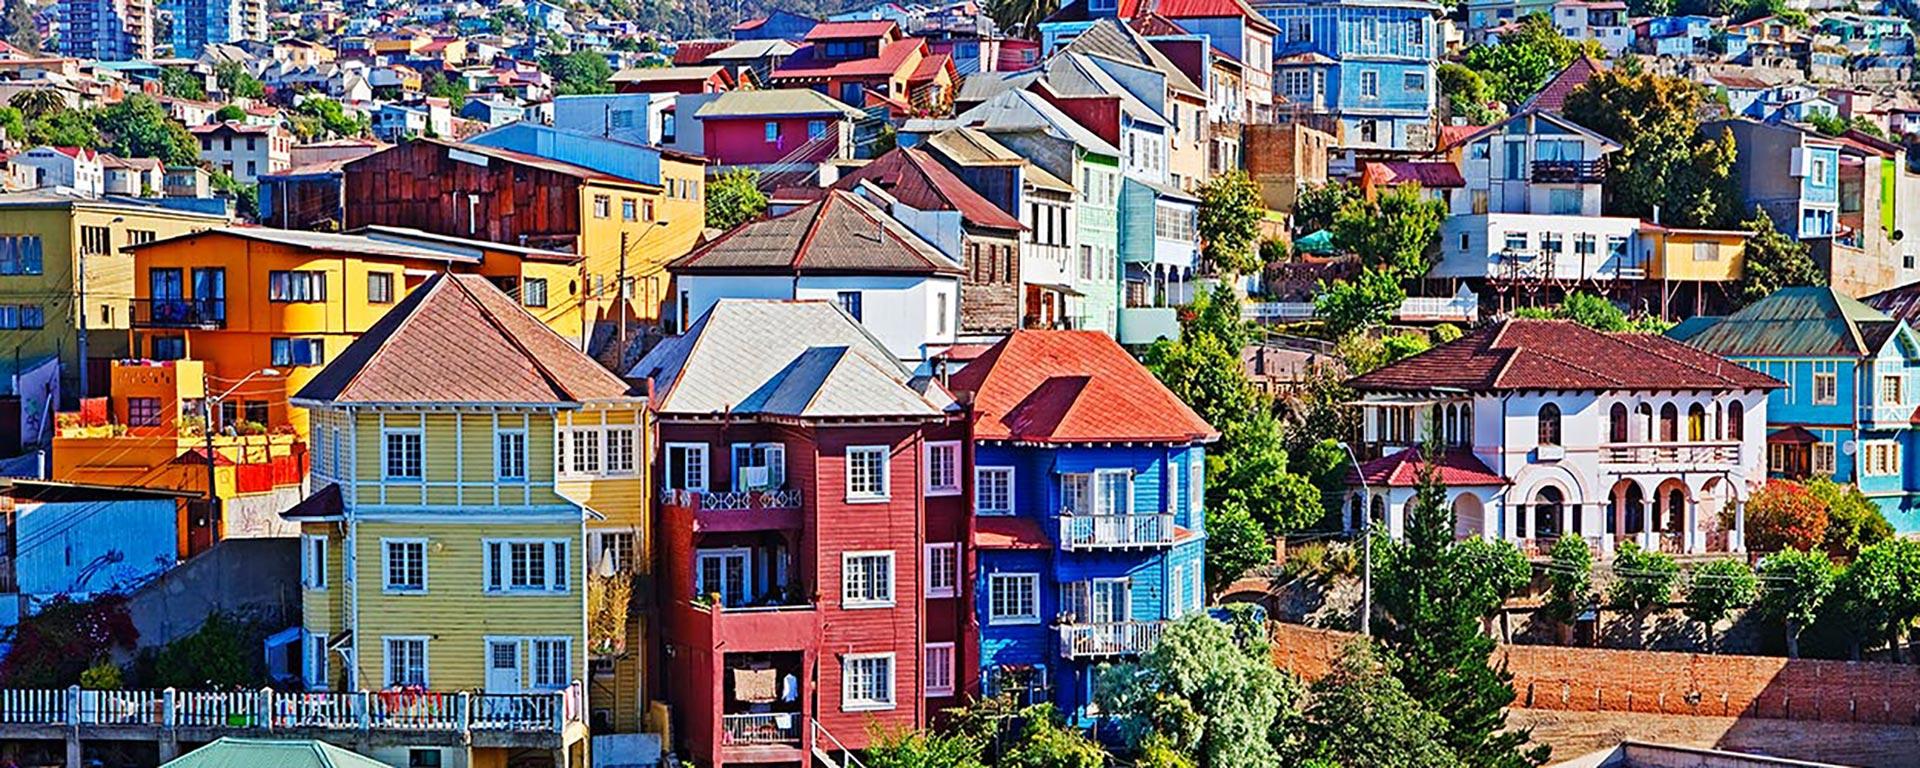 valparaiso chili maisons colorées